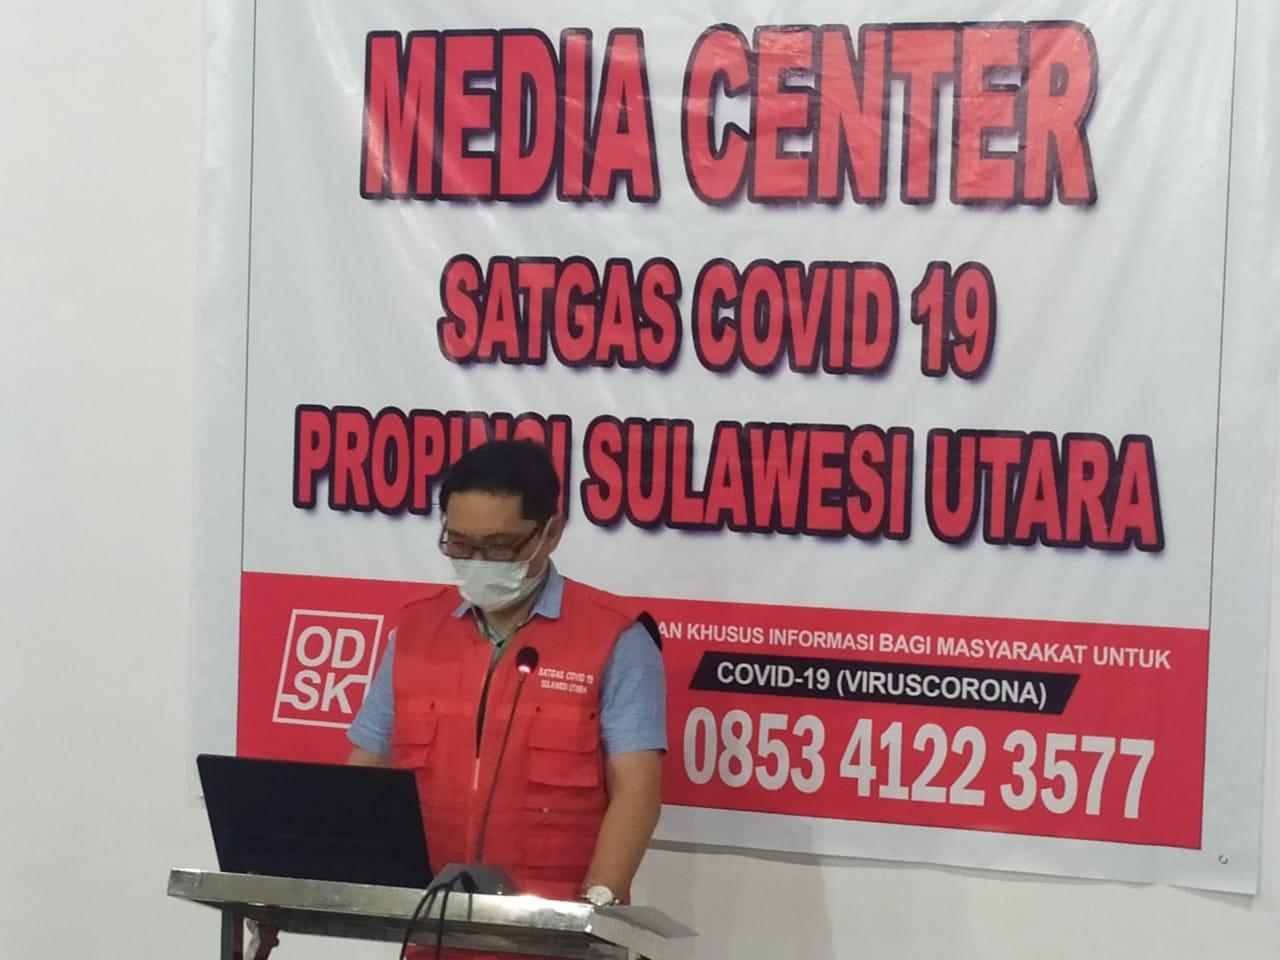 Positif Corona COVID-19 di Sulut Bertambah, Total 5 Orang